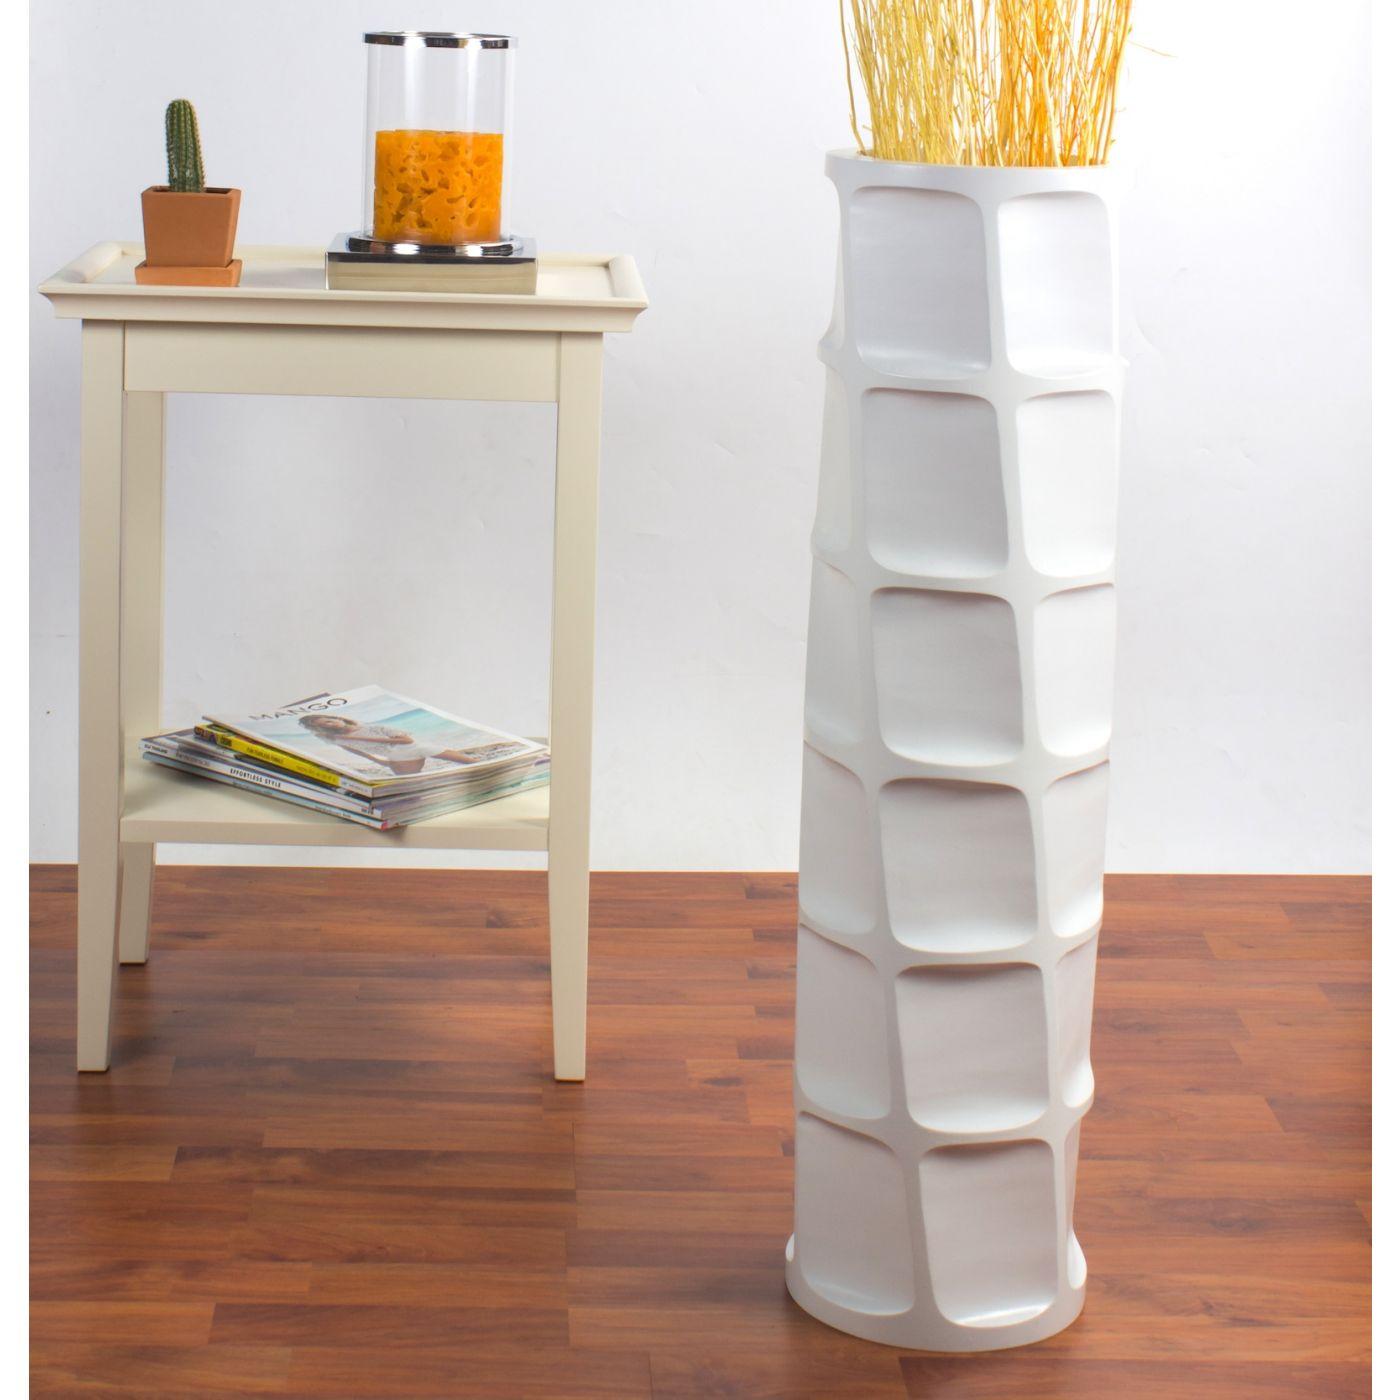 Sungpunet Bolsa t/érmica del Unicornio Bolsa de Almuerzo fr/ío es Ideal para Que los ni/ños lleven para Utensilios de Cocina de decoraci/ón del hogar